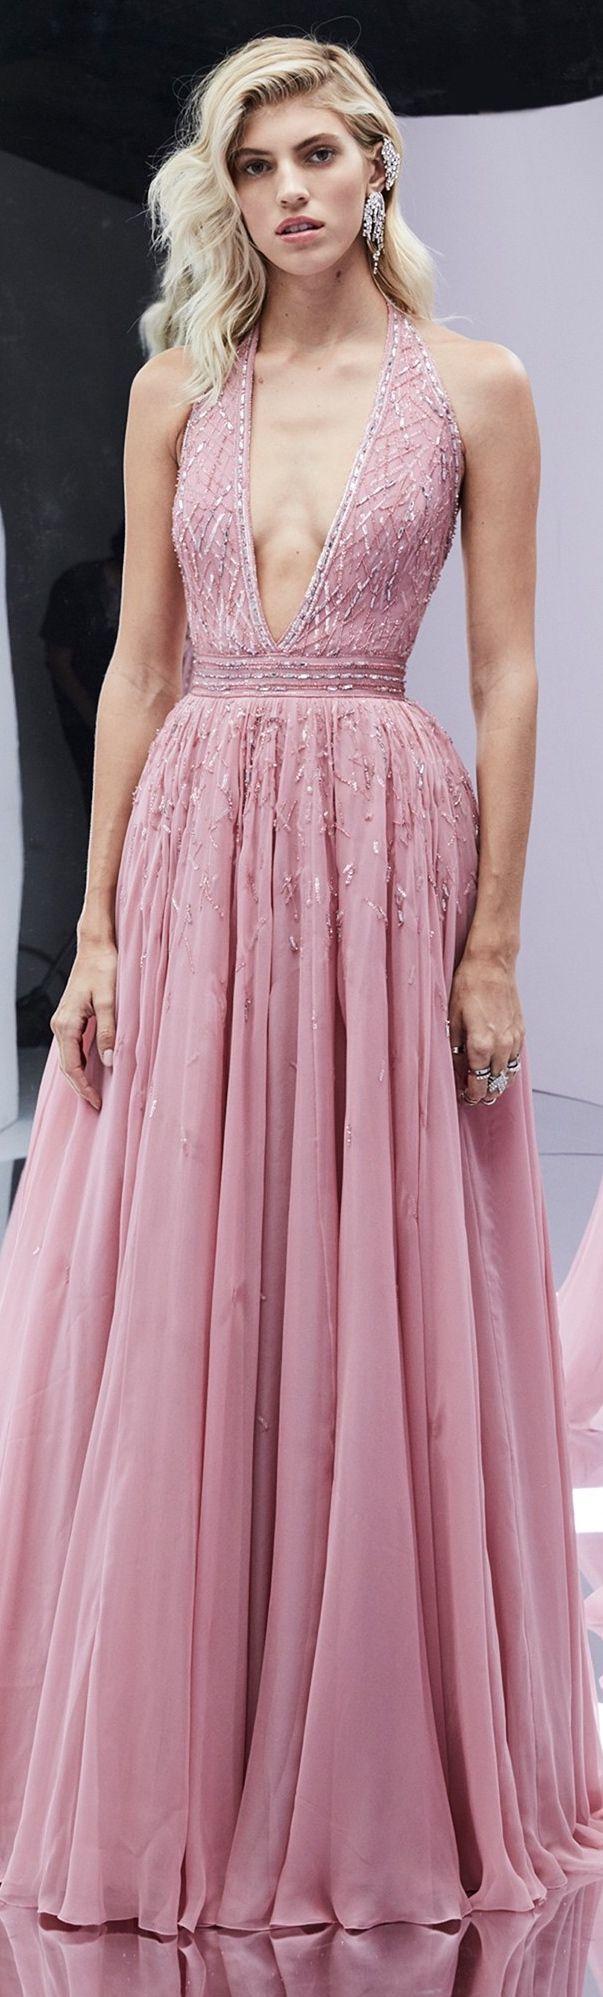 stunning prom dresses,prom maxi dress 2017 #uniors #dresses 2018e ...